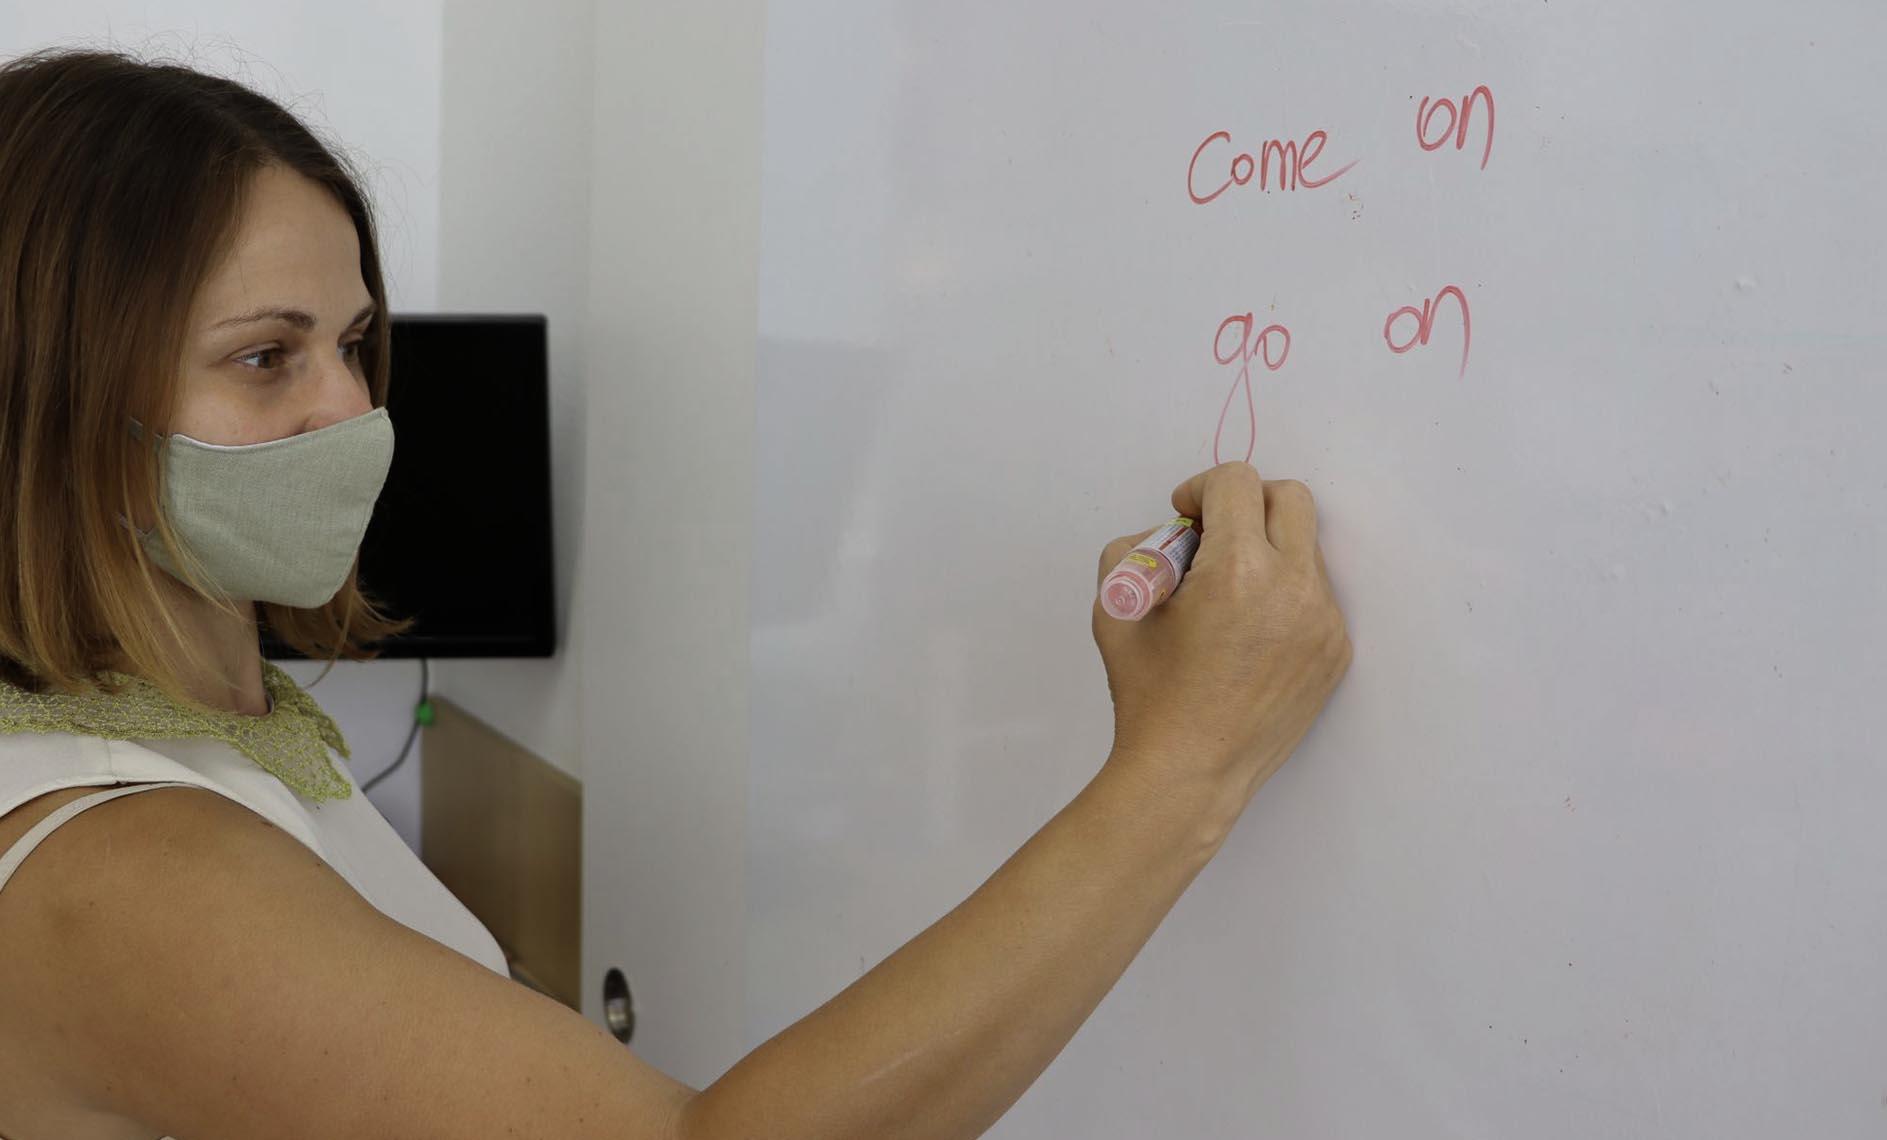 Tamtam Idiomas clases de inglés, alemán y francés en Pamplona, Burlada, Villava, Chantrea, Txantrea, Huarte